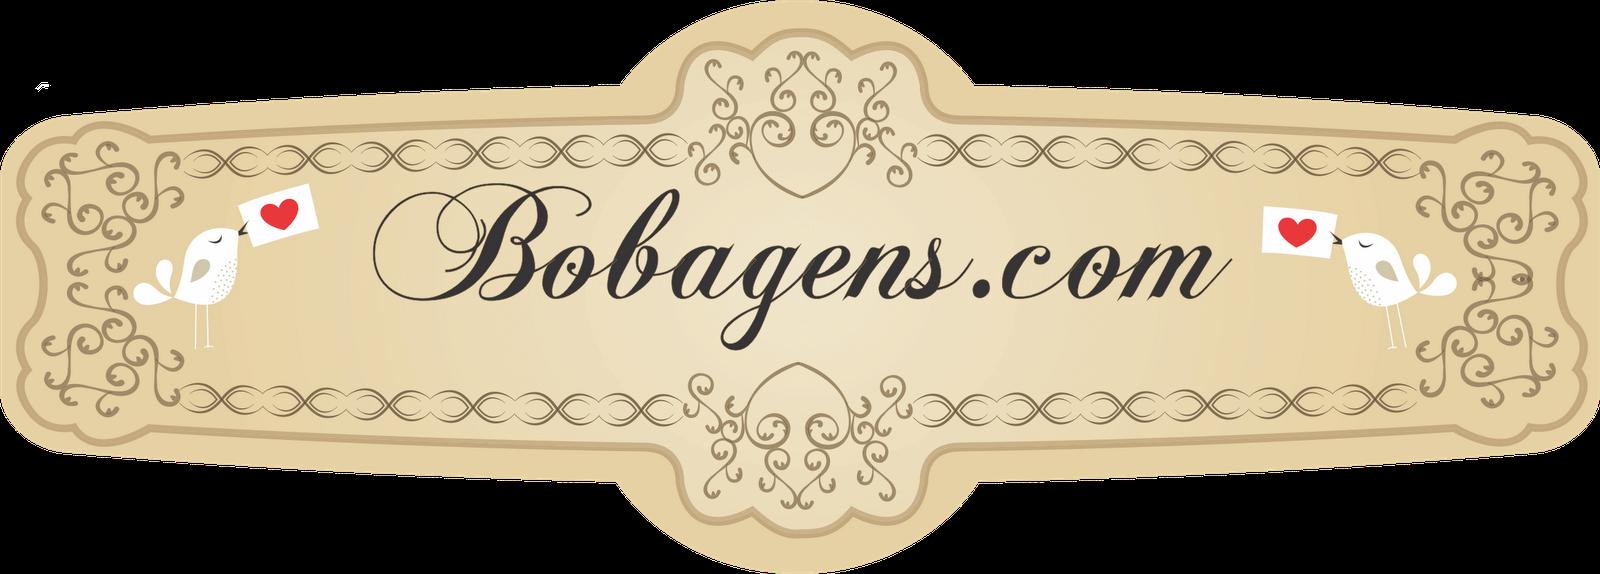 Bobagens.com